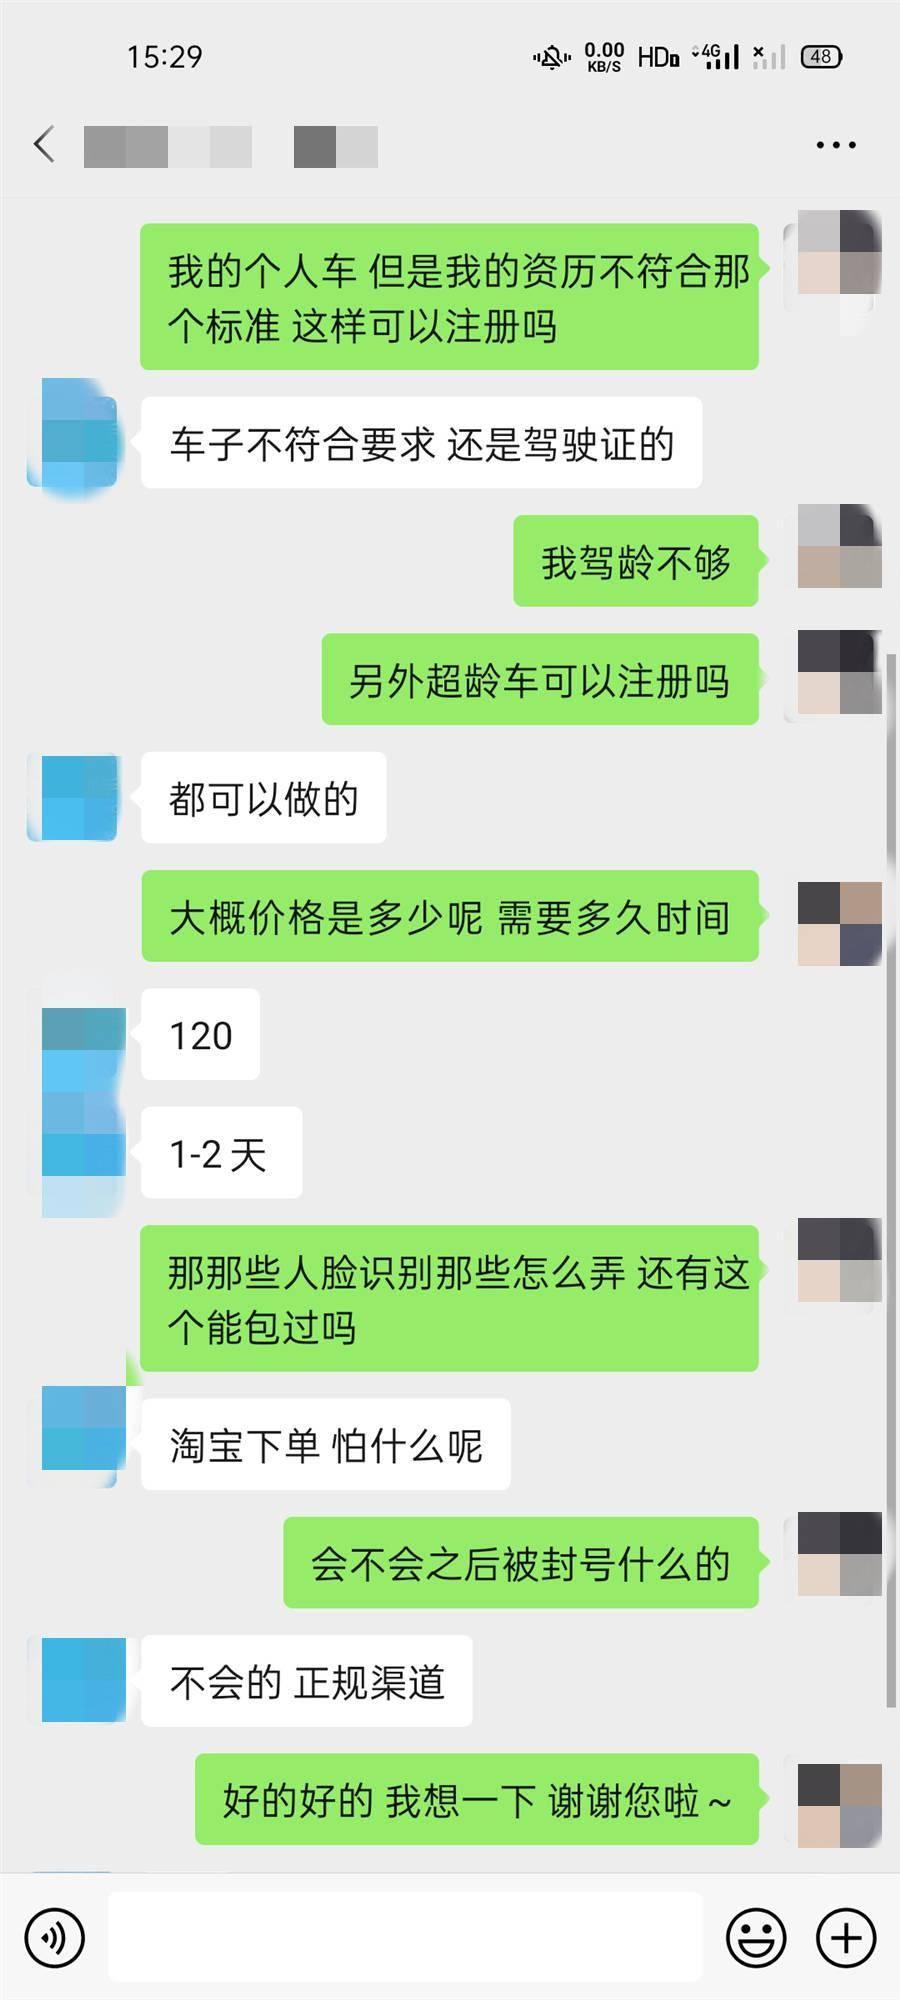 """哈啰出行违规运营连遭点名 杨磊""""出行梦""""恐因内控缺陷落于下风"""